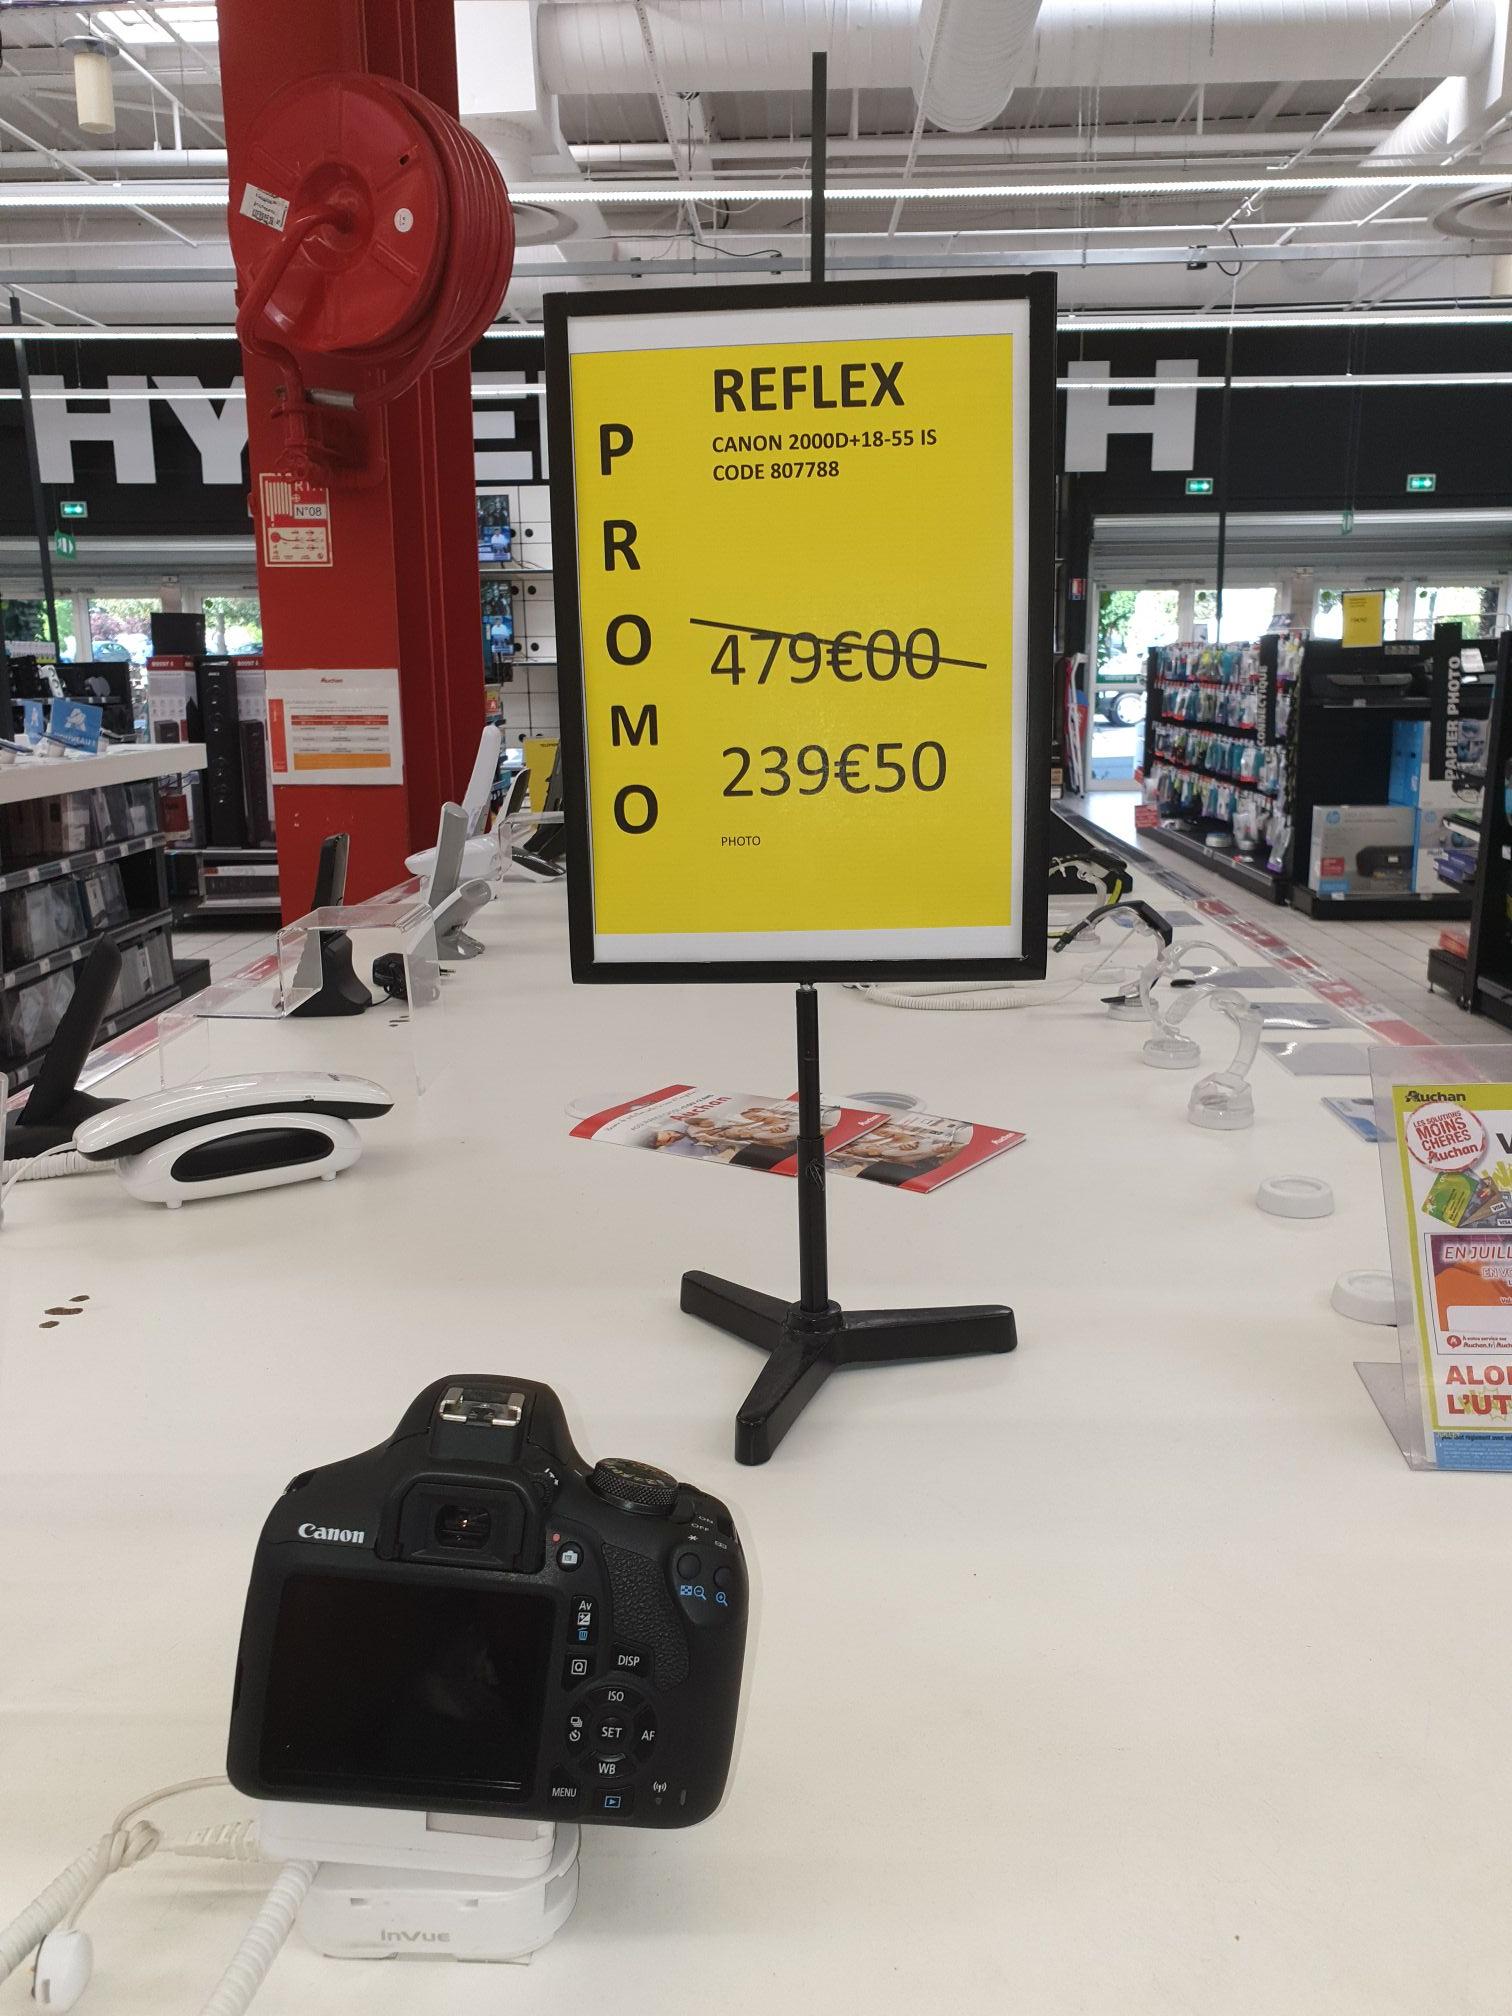 Appareil photo Reflex Canon 2000D+18-55 is - Auchan Saint herblain (44)